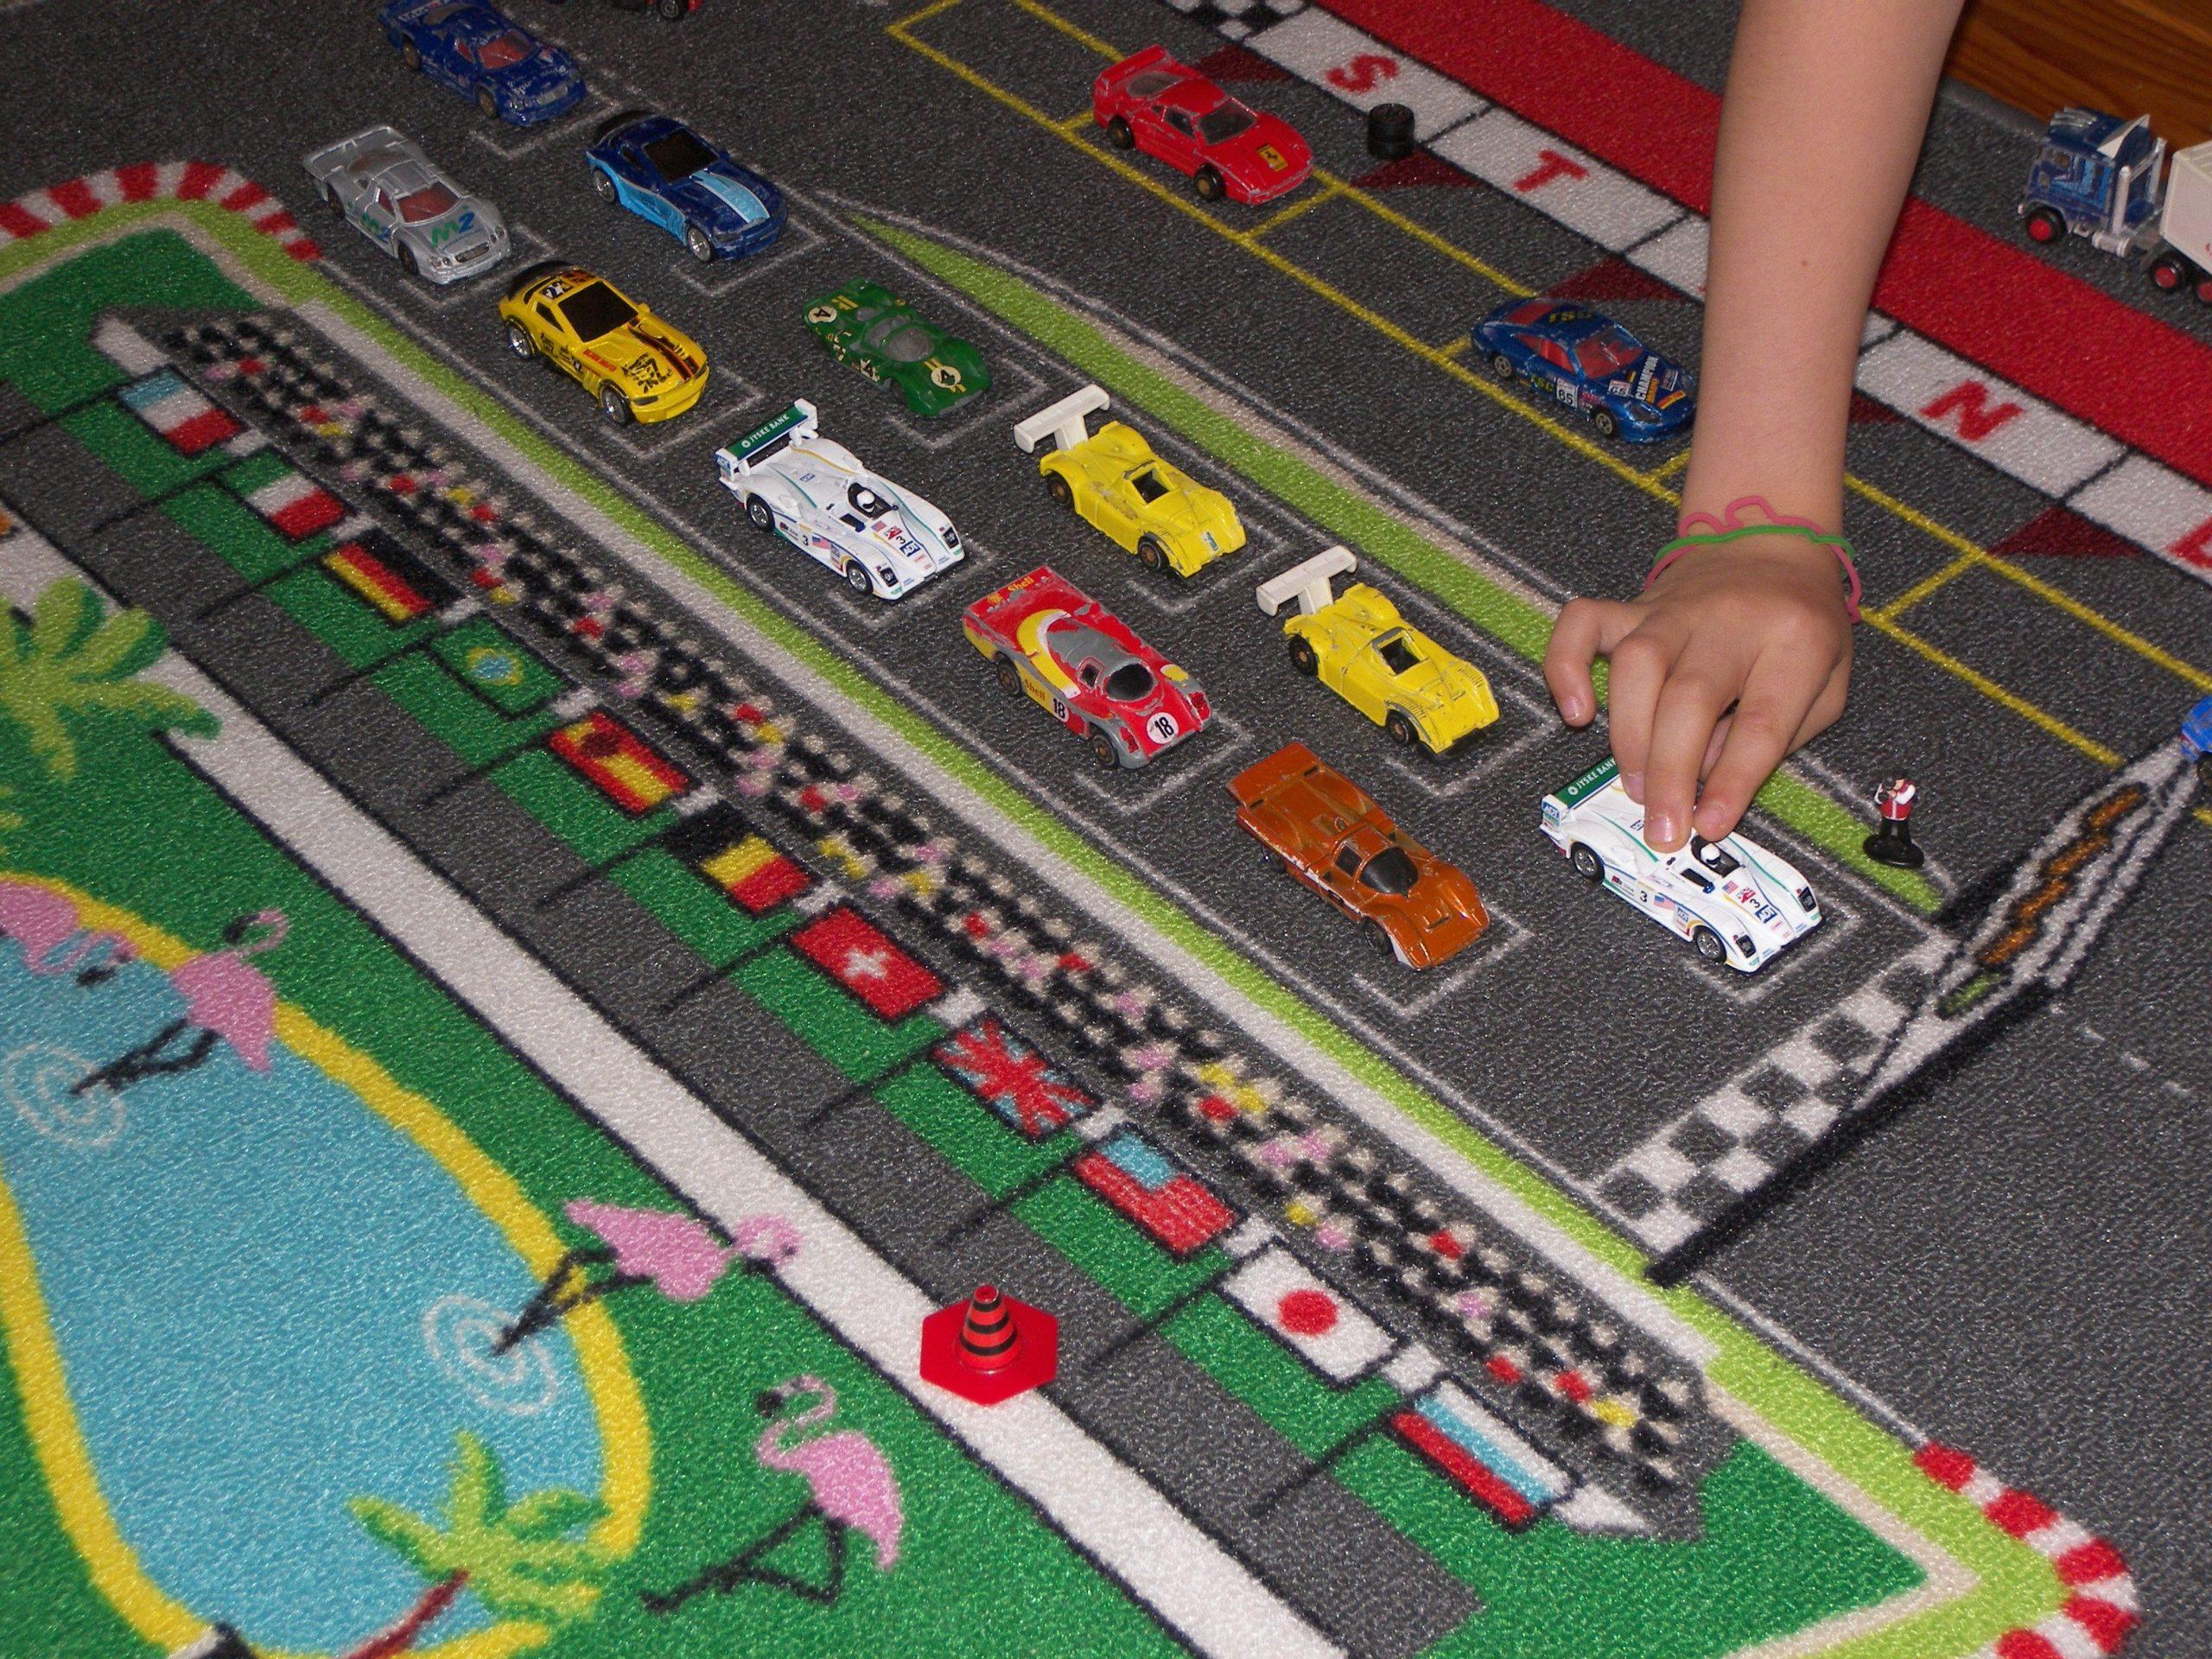 Course De Petite Voiture Sur Un Tapis De Formule 1 encequiconcerne Jeux Course Enfant